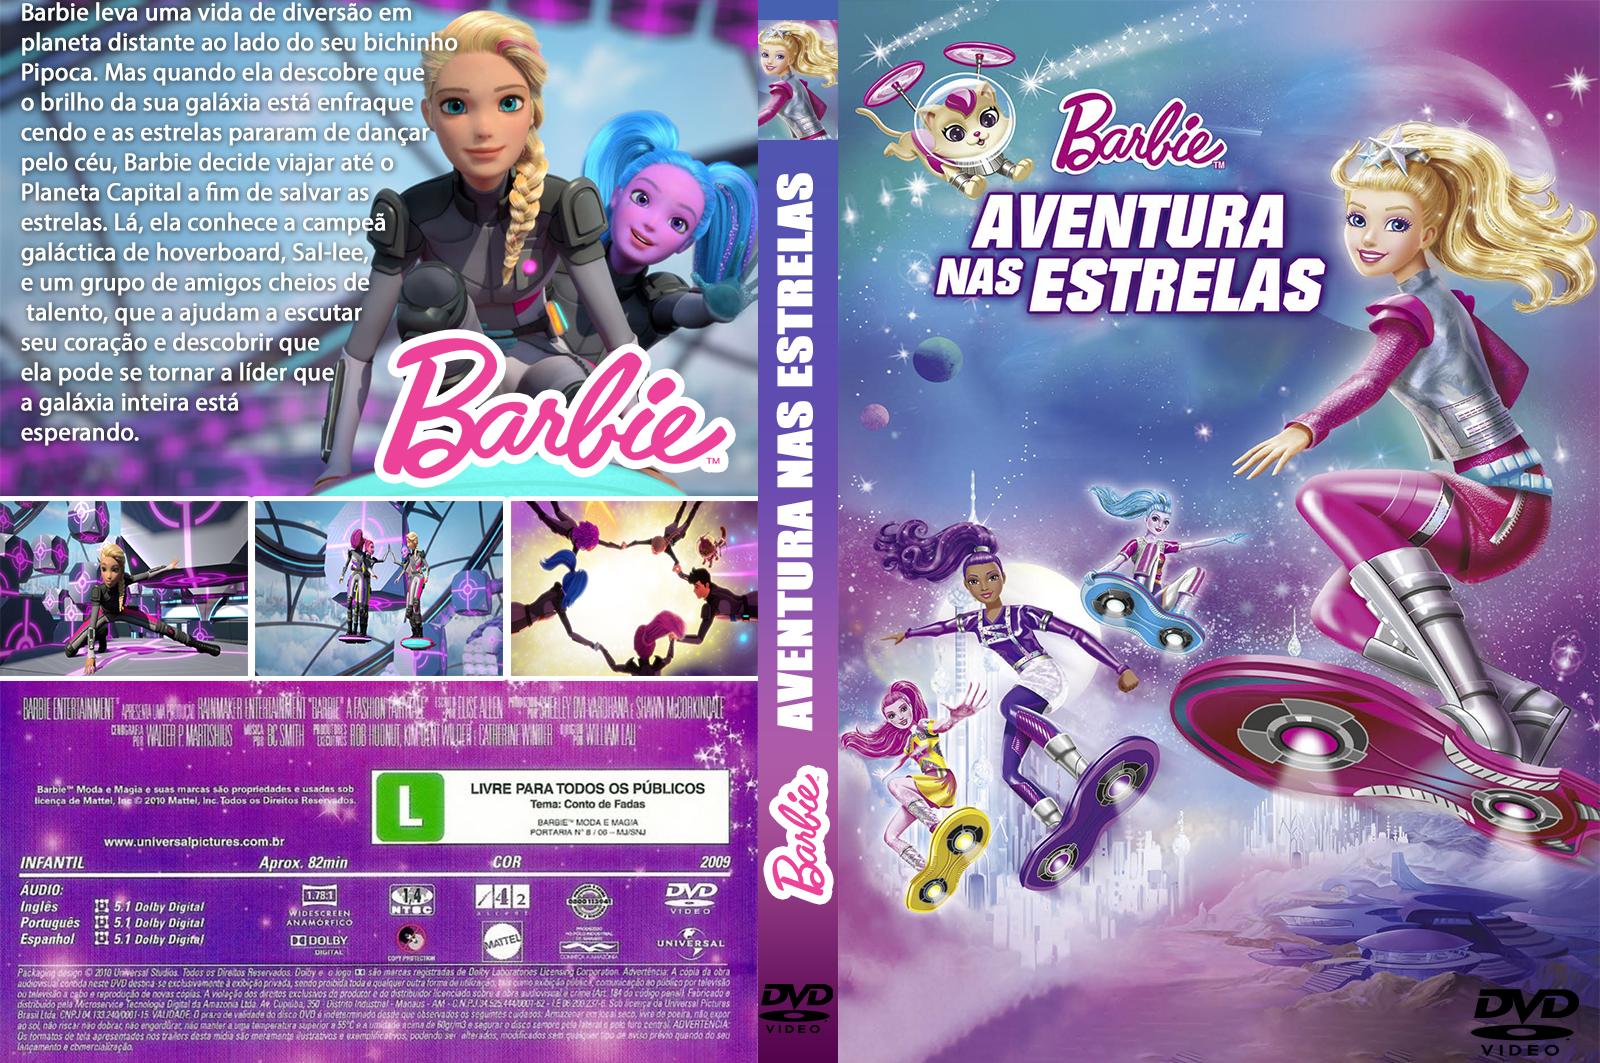 Barbie Aventura nas Estrelas DVDRip Dublado Barbie Aventura nas Estrelas DVDRip Dublado BARBIE 2BAVENTURA 2BNAS 2BESTRELAS